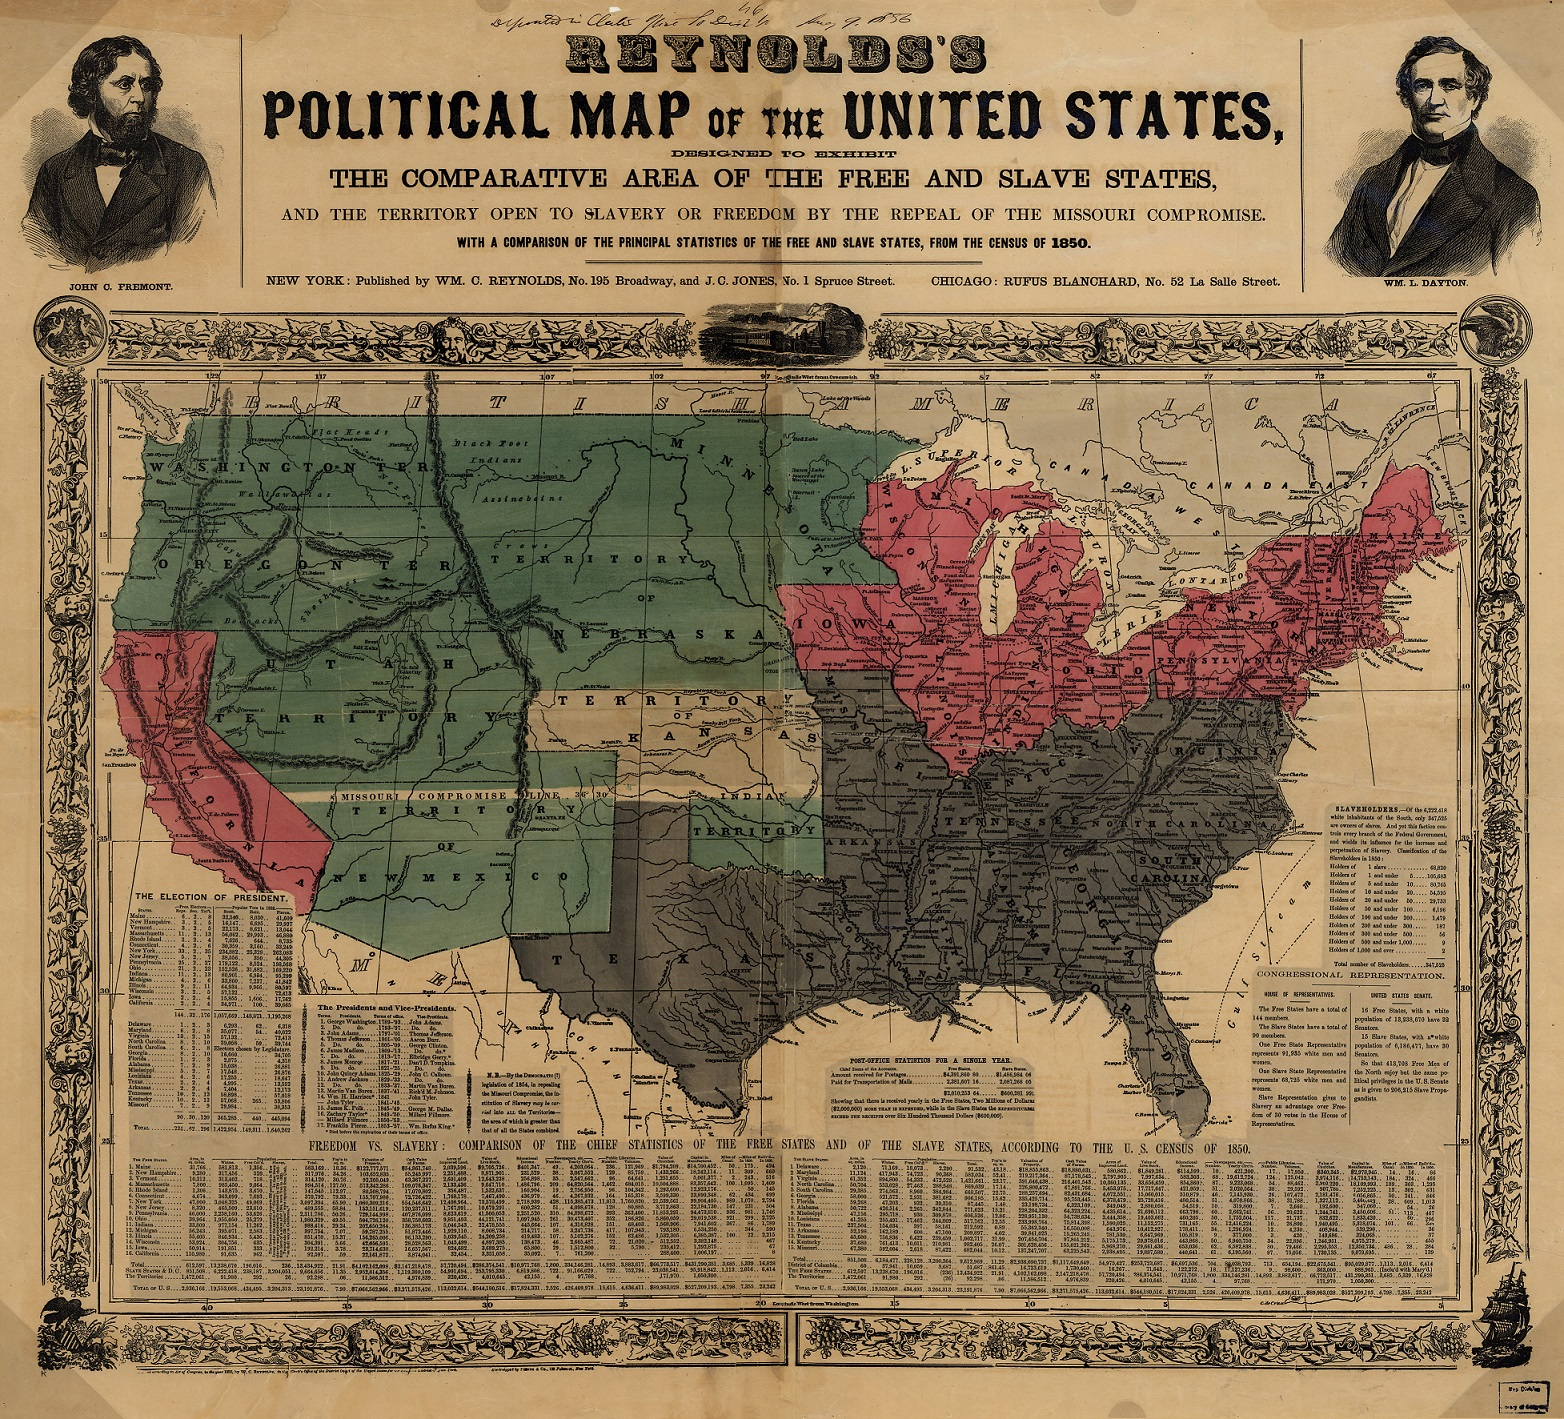 Политическая карта Соединенных Штатов Америки США в 1856 году штаты с рабством и штаты свободные